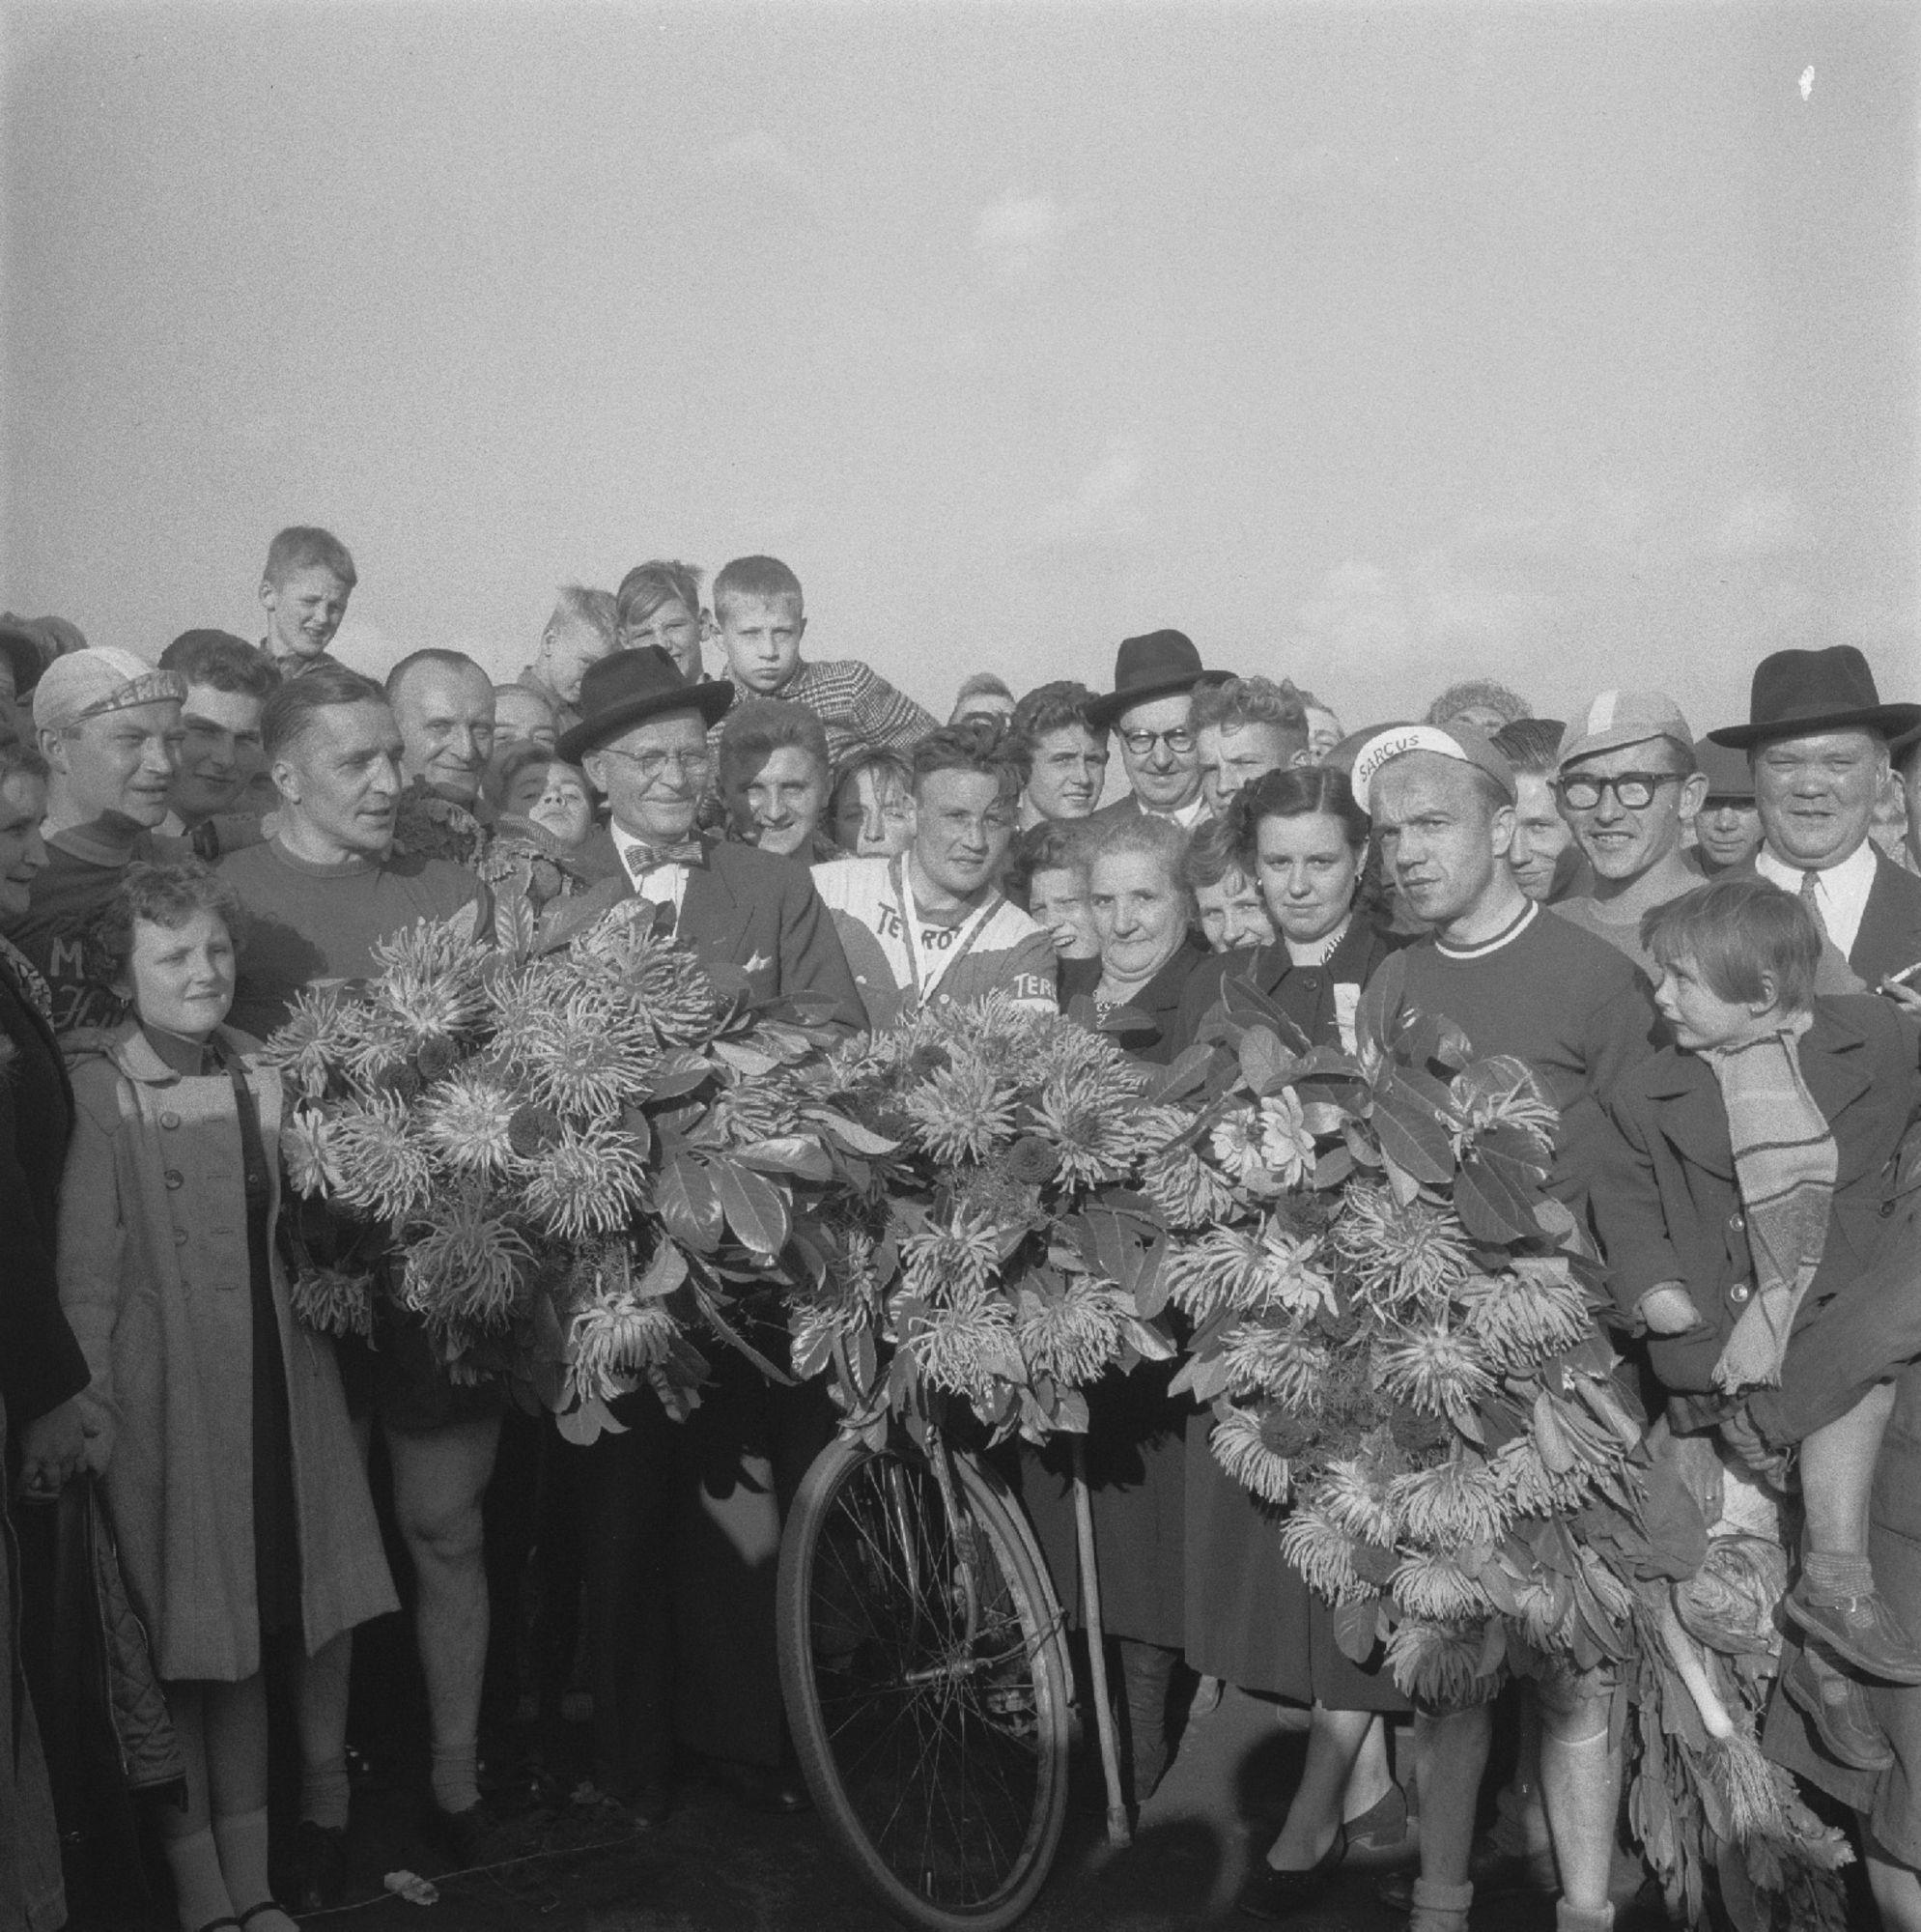 Wielerwedstrijd op de Hippodroom anno 1955